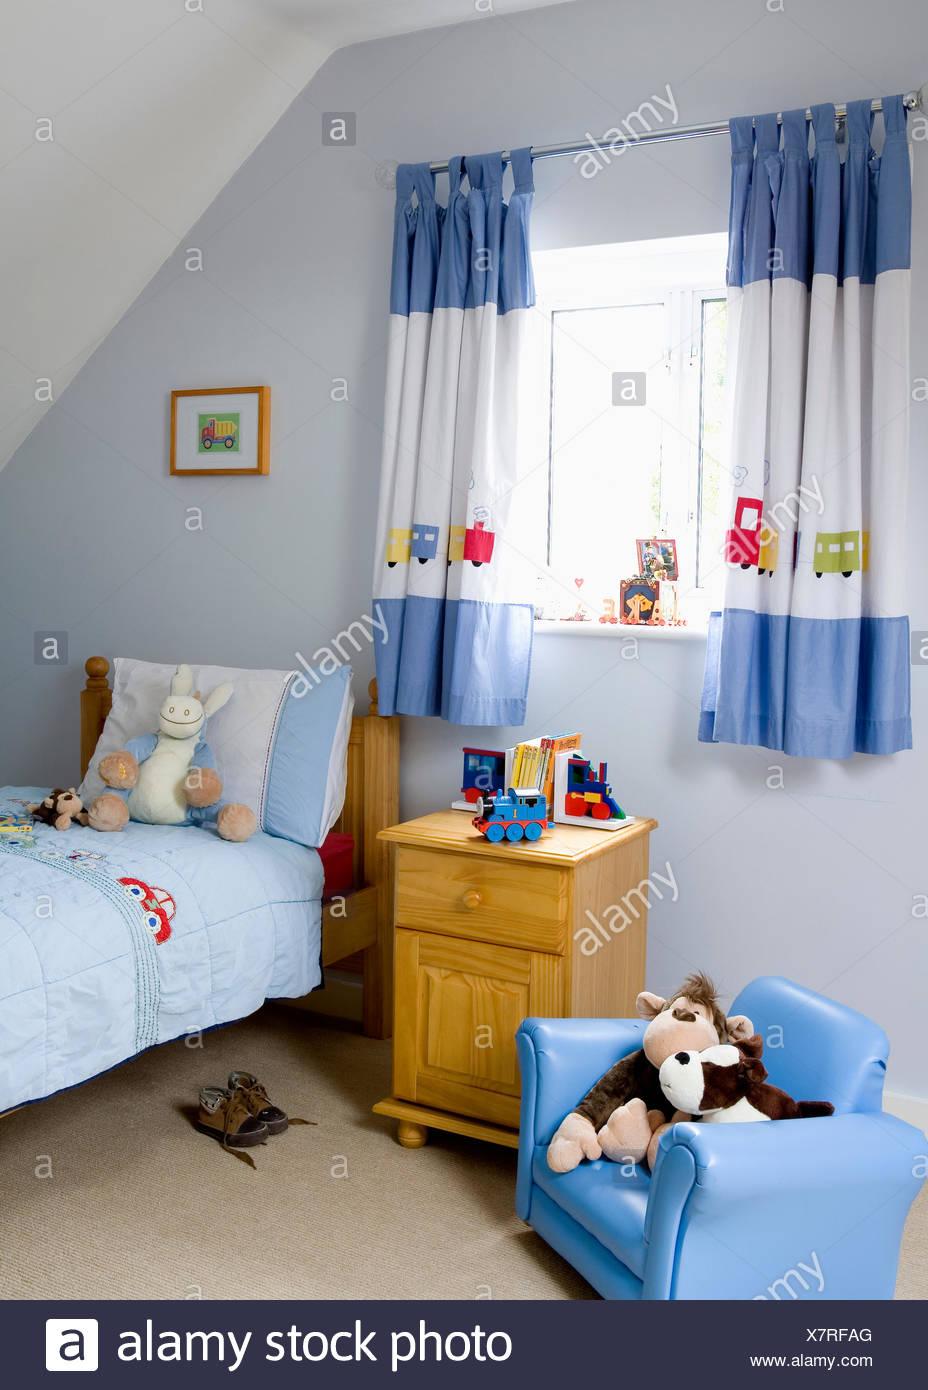 Full Size of Blau Wei Applizierte Gardinen Im Kinderzimmer Mit Kleinen Sessel Schlafzimmer Regale Lounge Garten Relaxsessel Aldi Regal Weiß Sofa Wohnzimmer Hängesessel Kinderzimmer Sessel Kinderzimmer